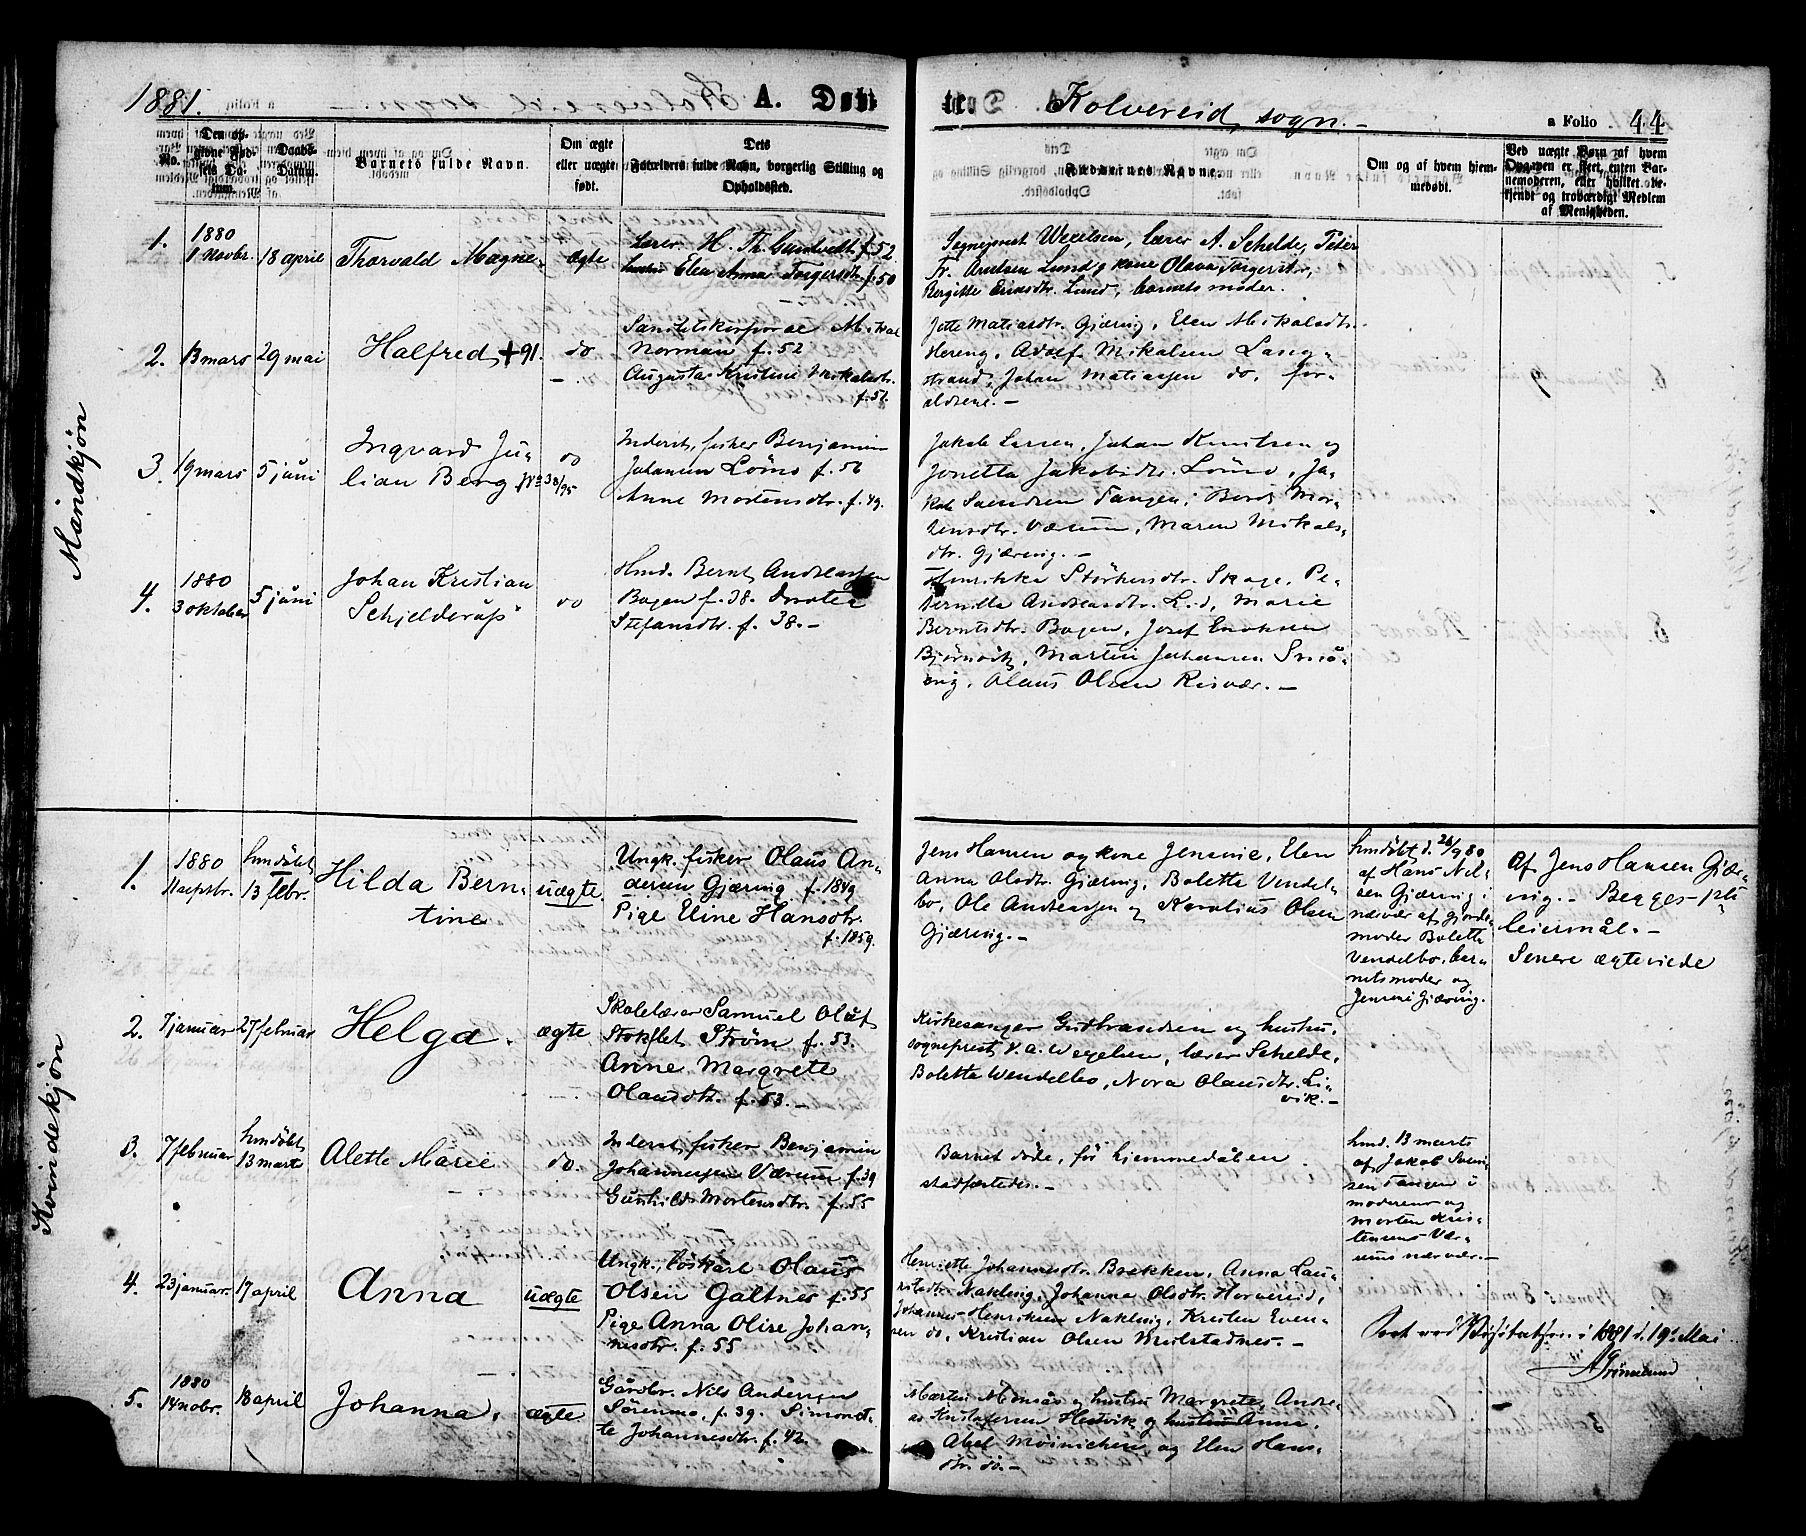 SAT, Ministerialprotokoller, klokkerbøker og fødselsregistre - Nord-Trøndelag, 780/L0642: Ministerialbok nr. 780A07 /1, 1874-1885, s. 44